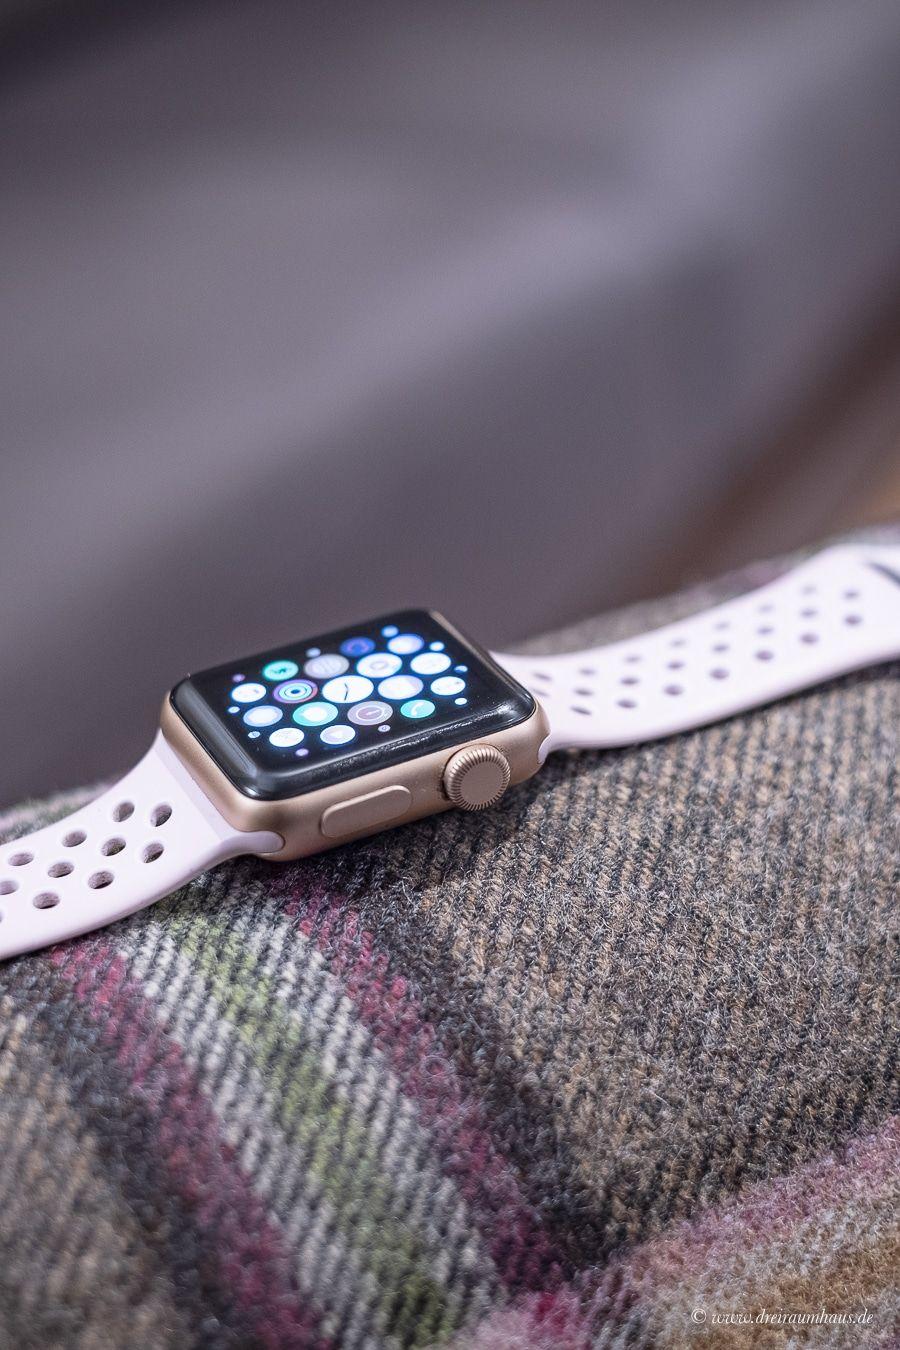 Blogreihe #MeineTippsfürFrauen – Macht die Apple Watch wirklich Sinn?